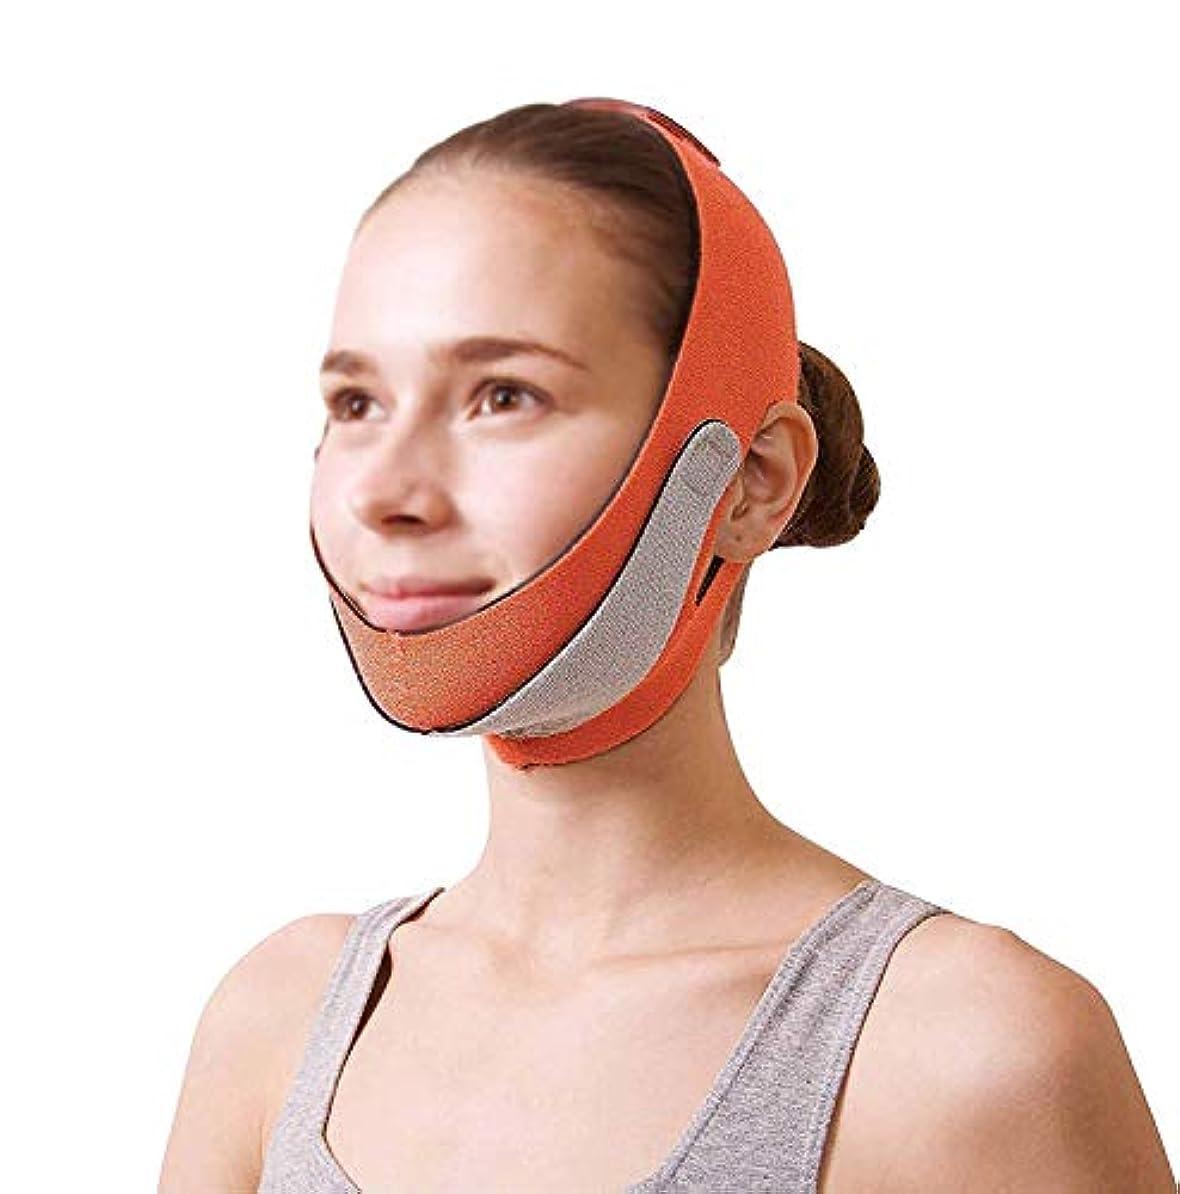 クック体操選手ほかにフェイスリフトマスク、あごストラップ回復ポスト包帯ヘッドギアフェイスマスク顔薄いフェイスマスクアーティファクト美容顔と首リフトオレンジマスク